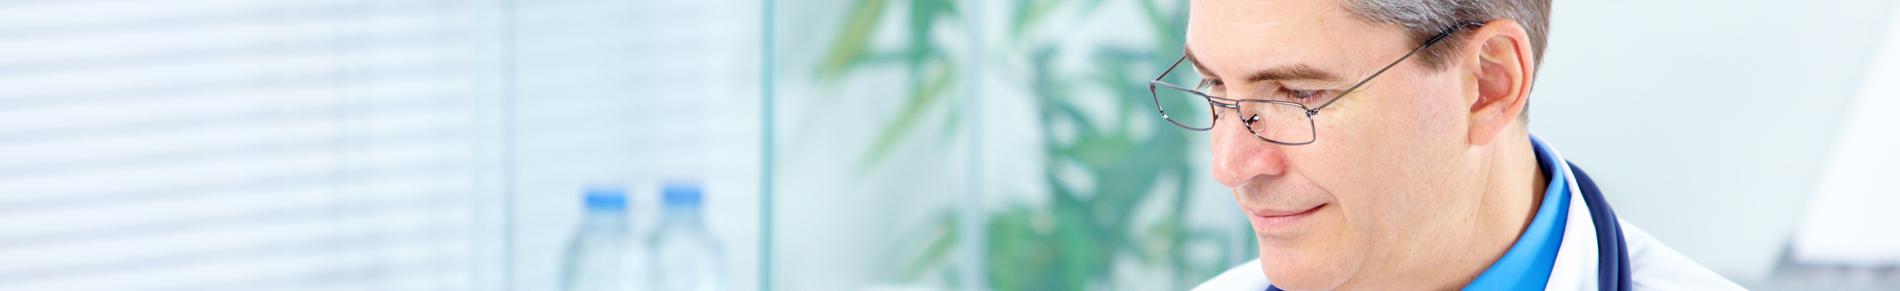 Fachpraxis für Kieferorthopädie